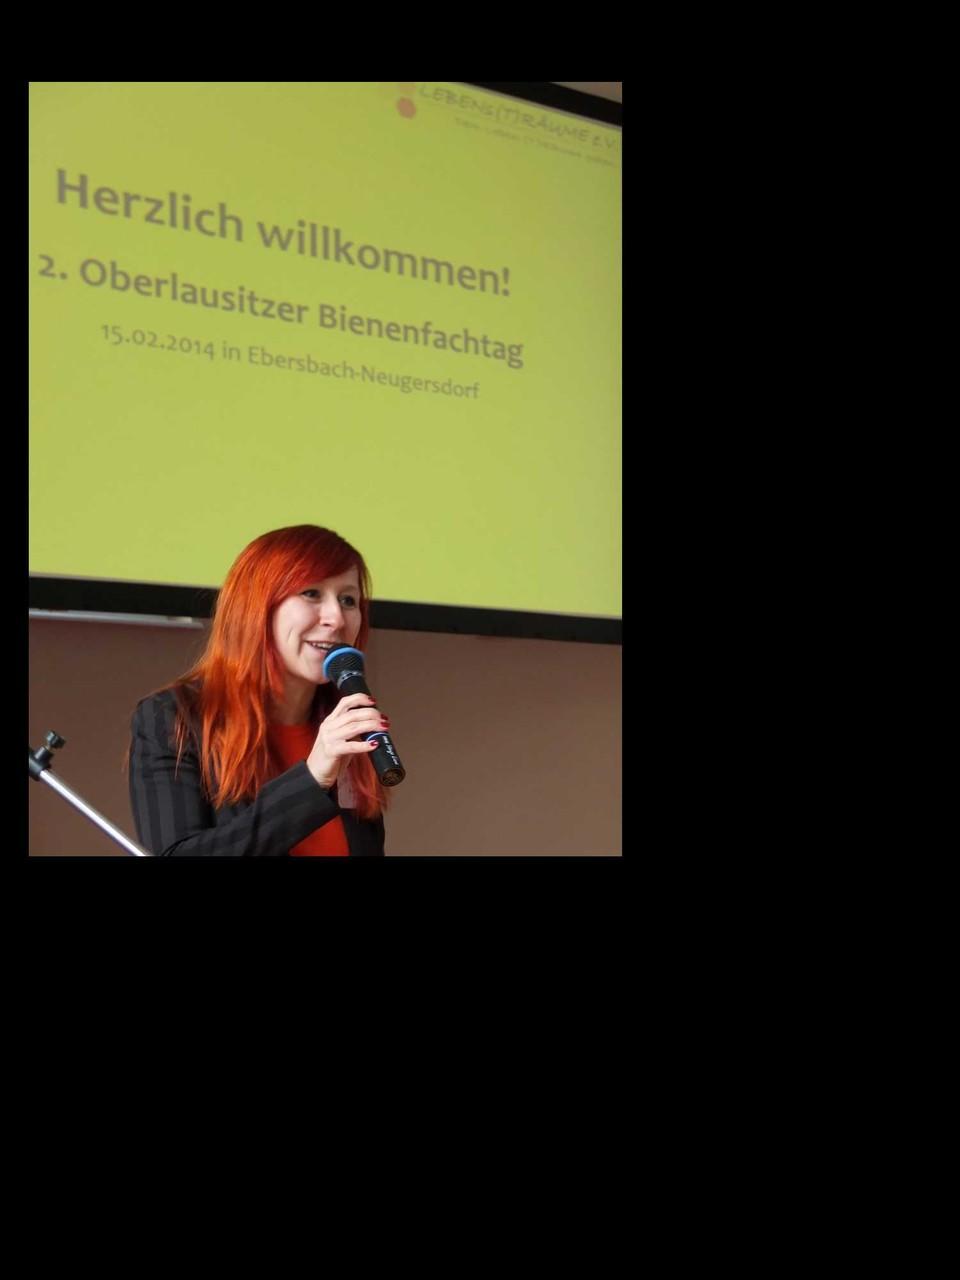 Eröffnung des Bienenfachtags | Franziska Schubert